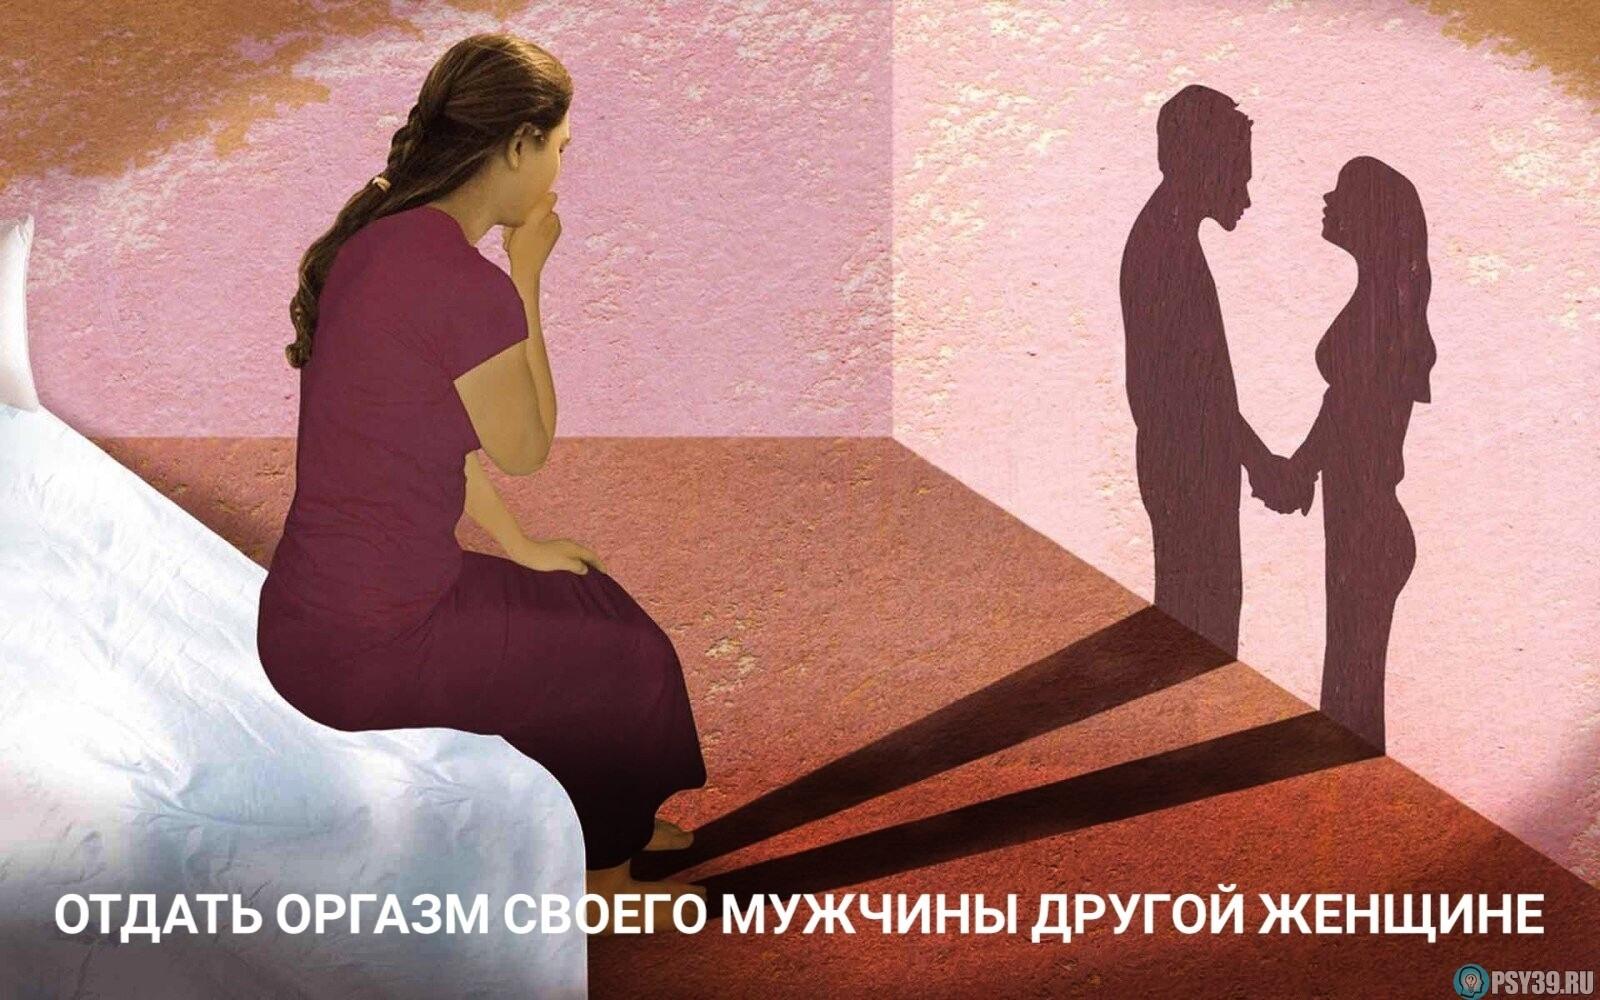 отдать мужчину другой женщине и справиться с обидой пережить расставание